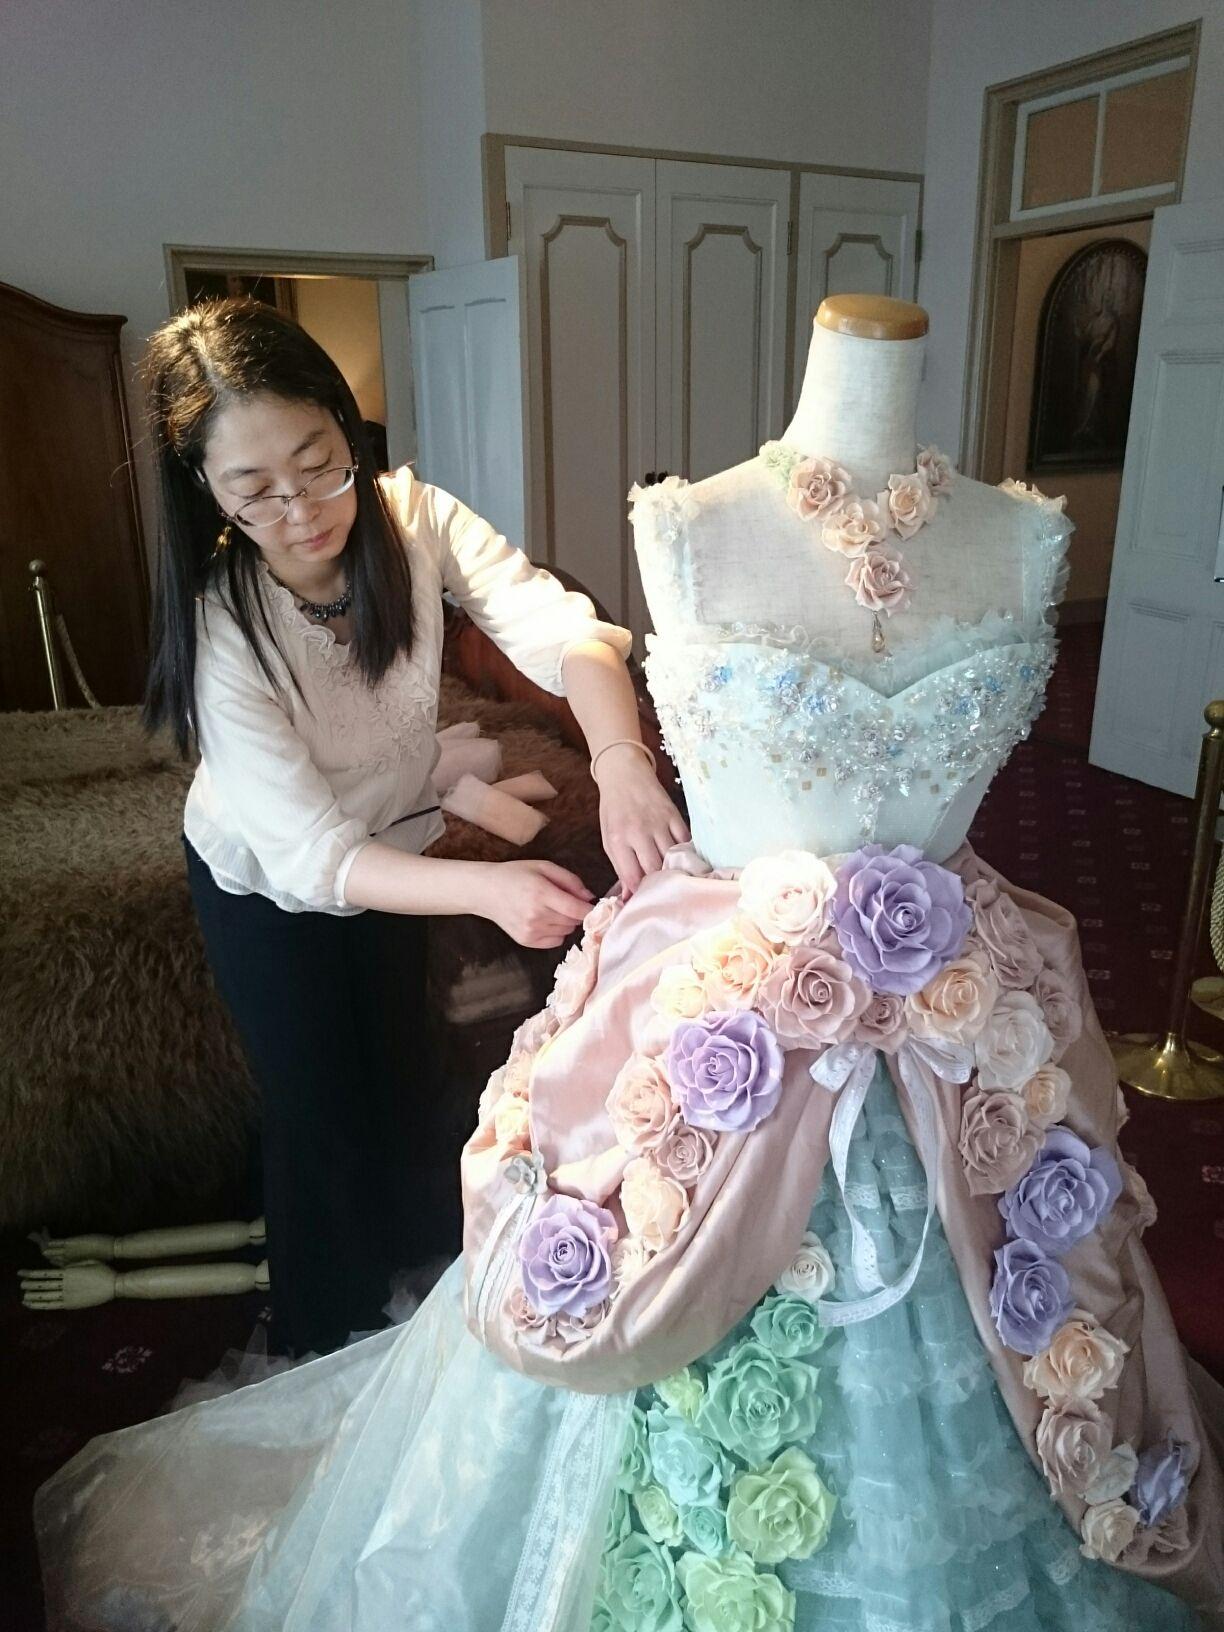 ドレス作品は現場で仕上げる方が多いです